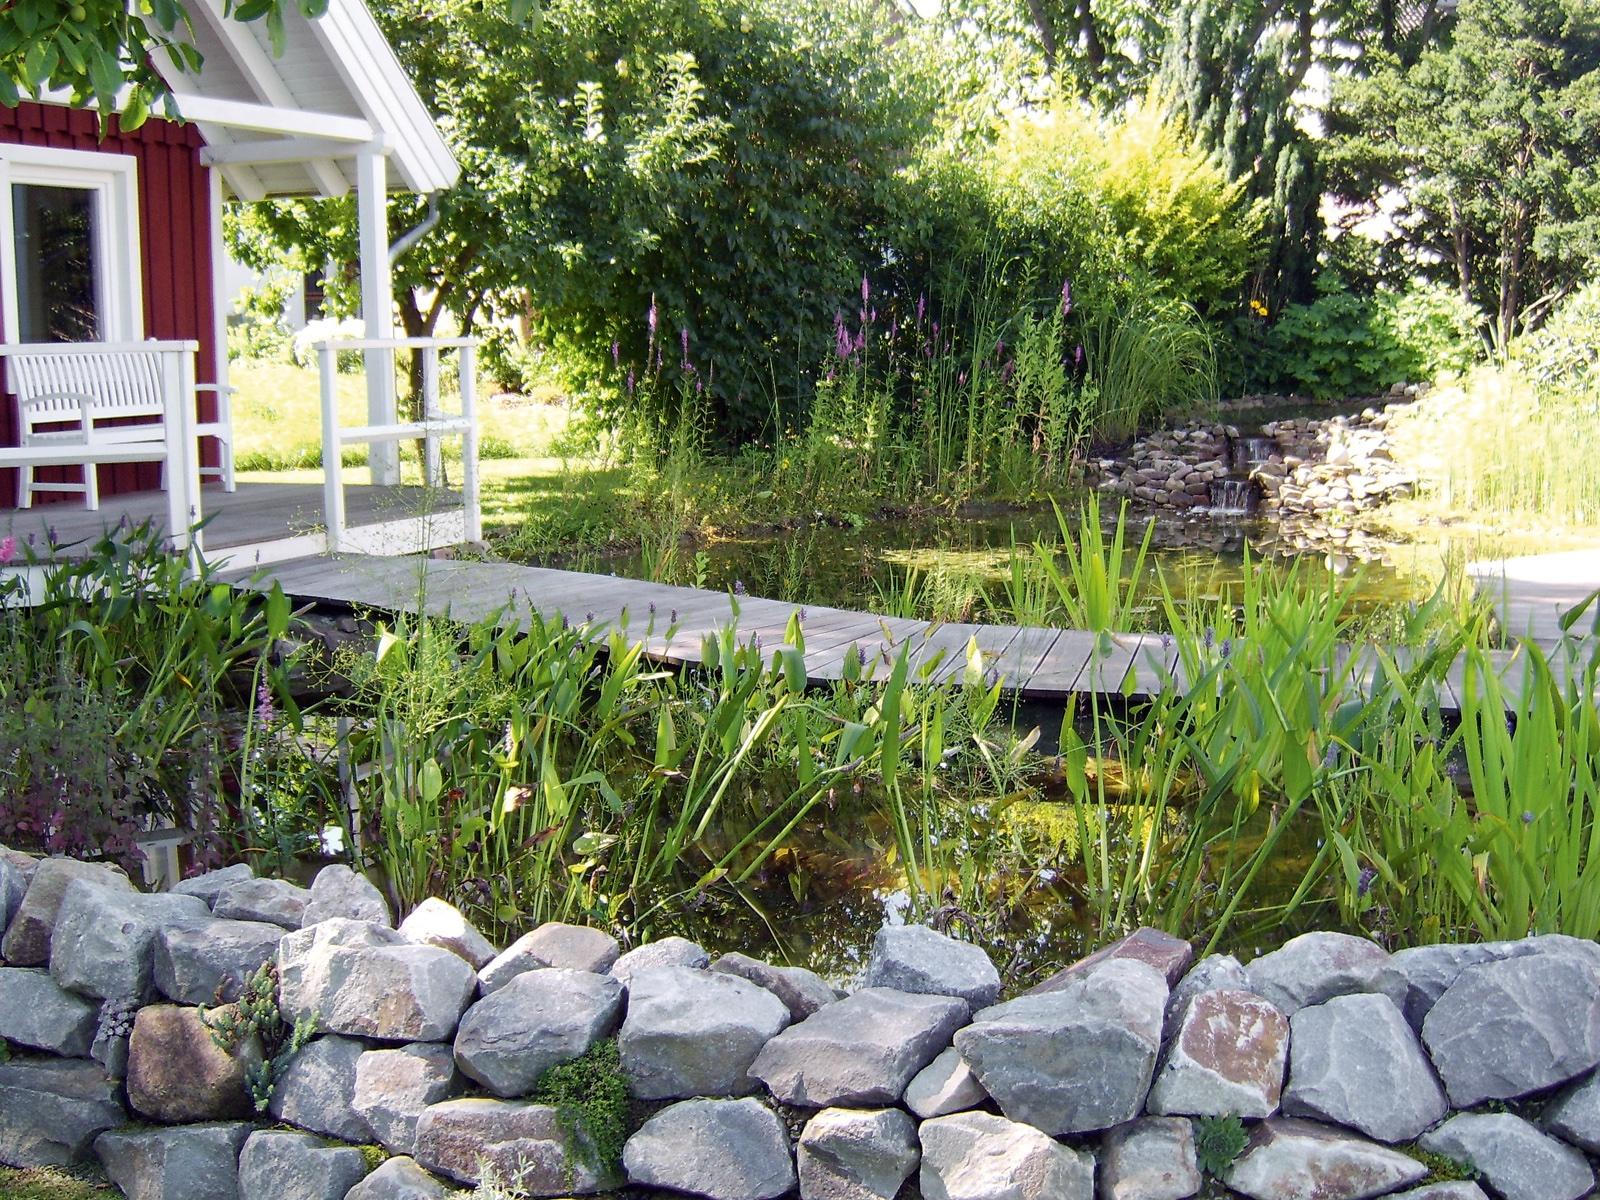 Regenwasser Fur Den Gartenteich Mai 2018 Familienheim Und Garten